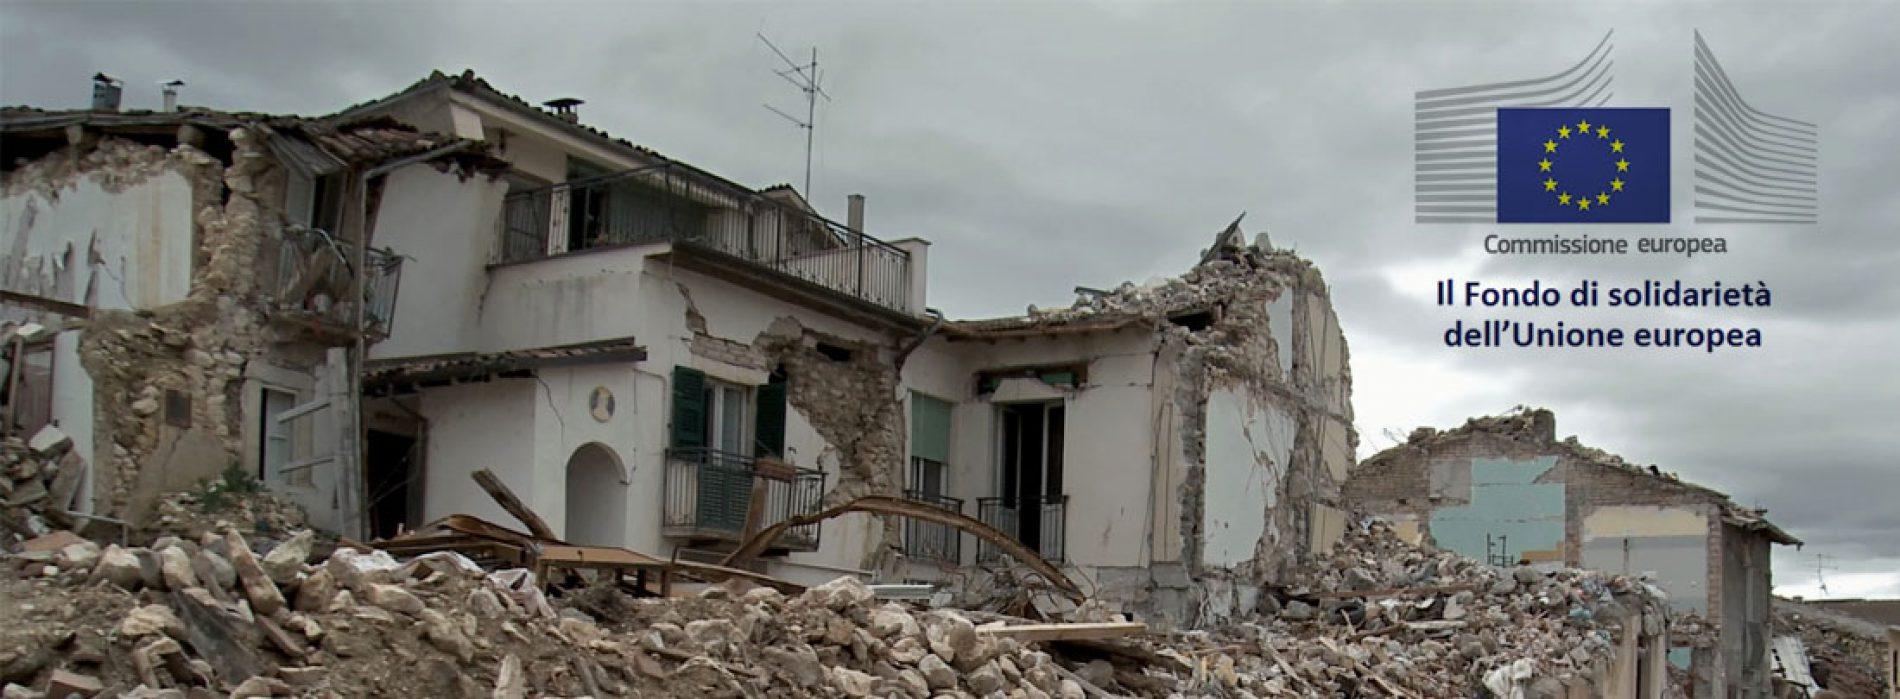 Post-sisma: Fondo di Solidarietà dell'Unione Europea